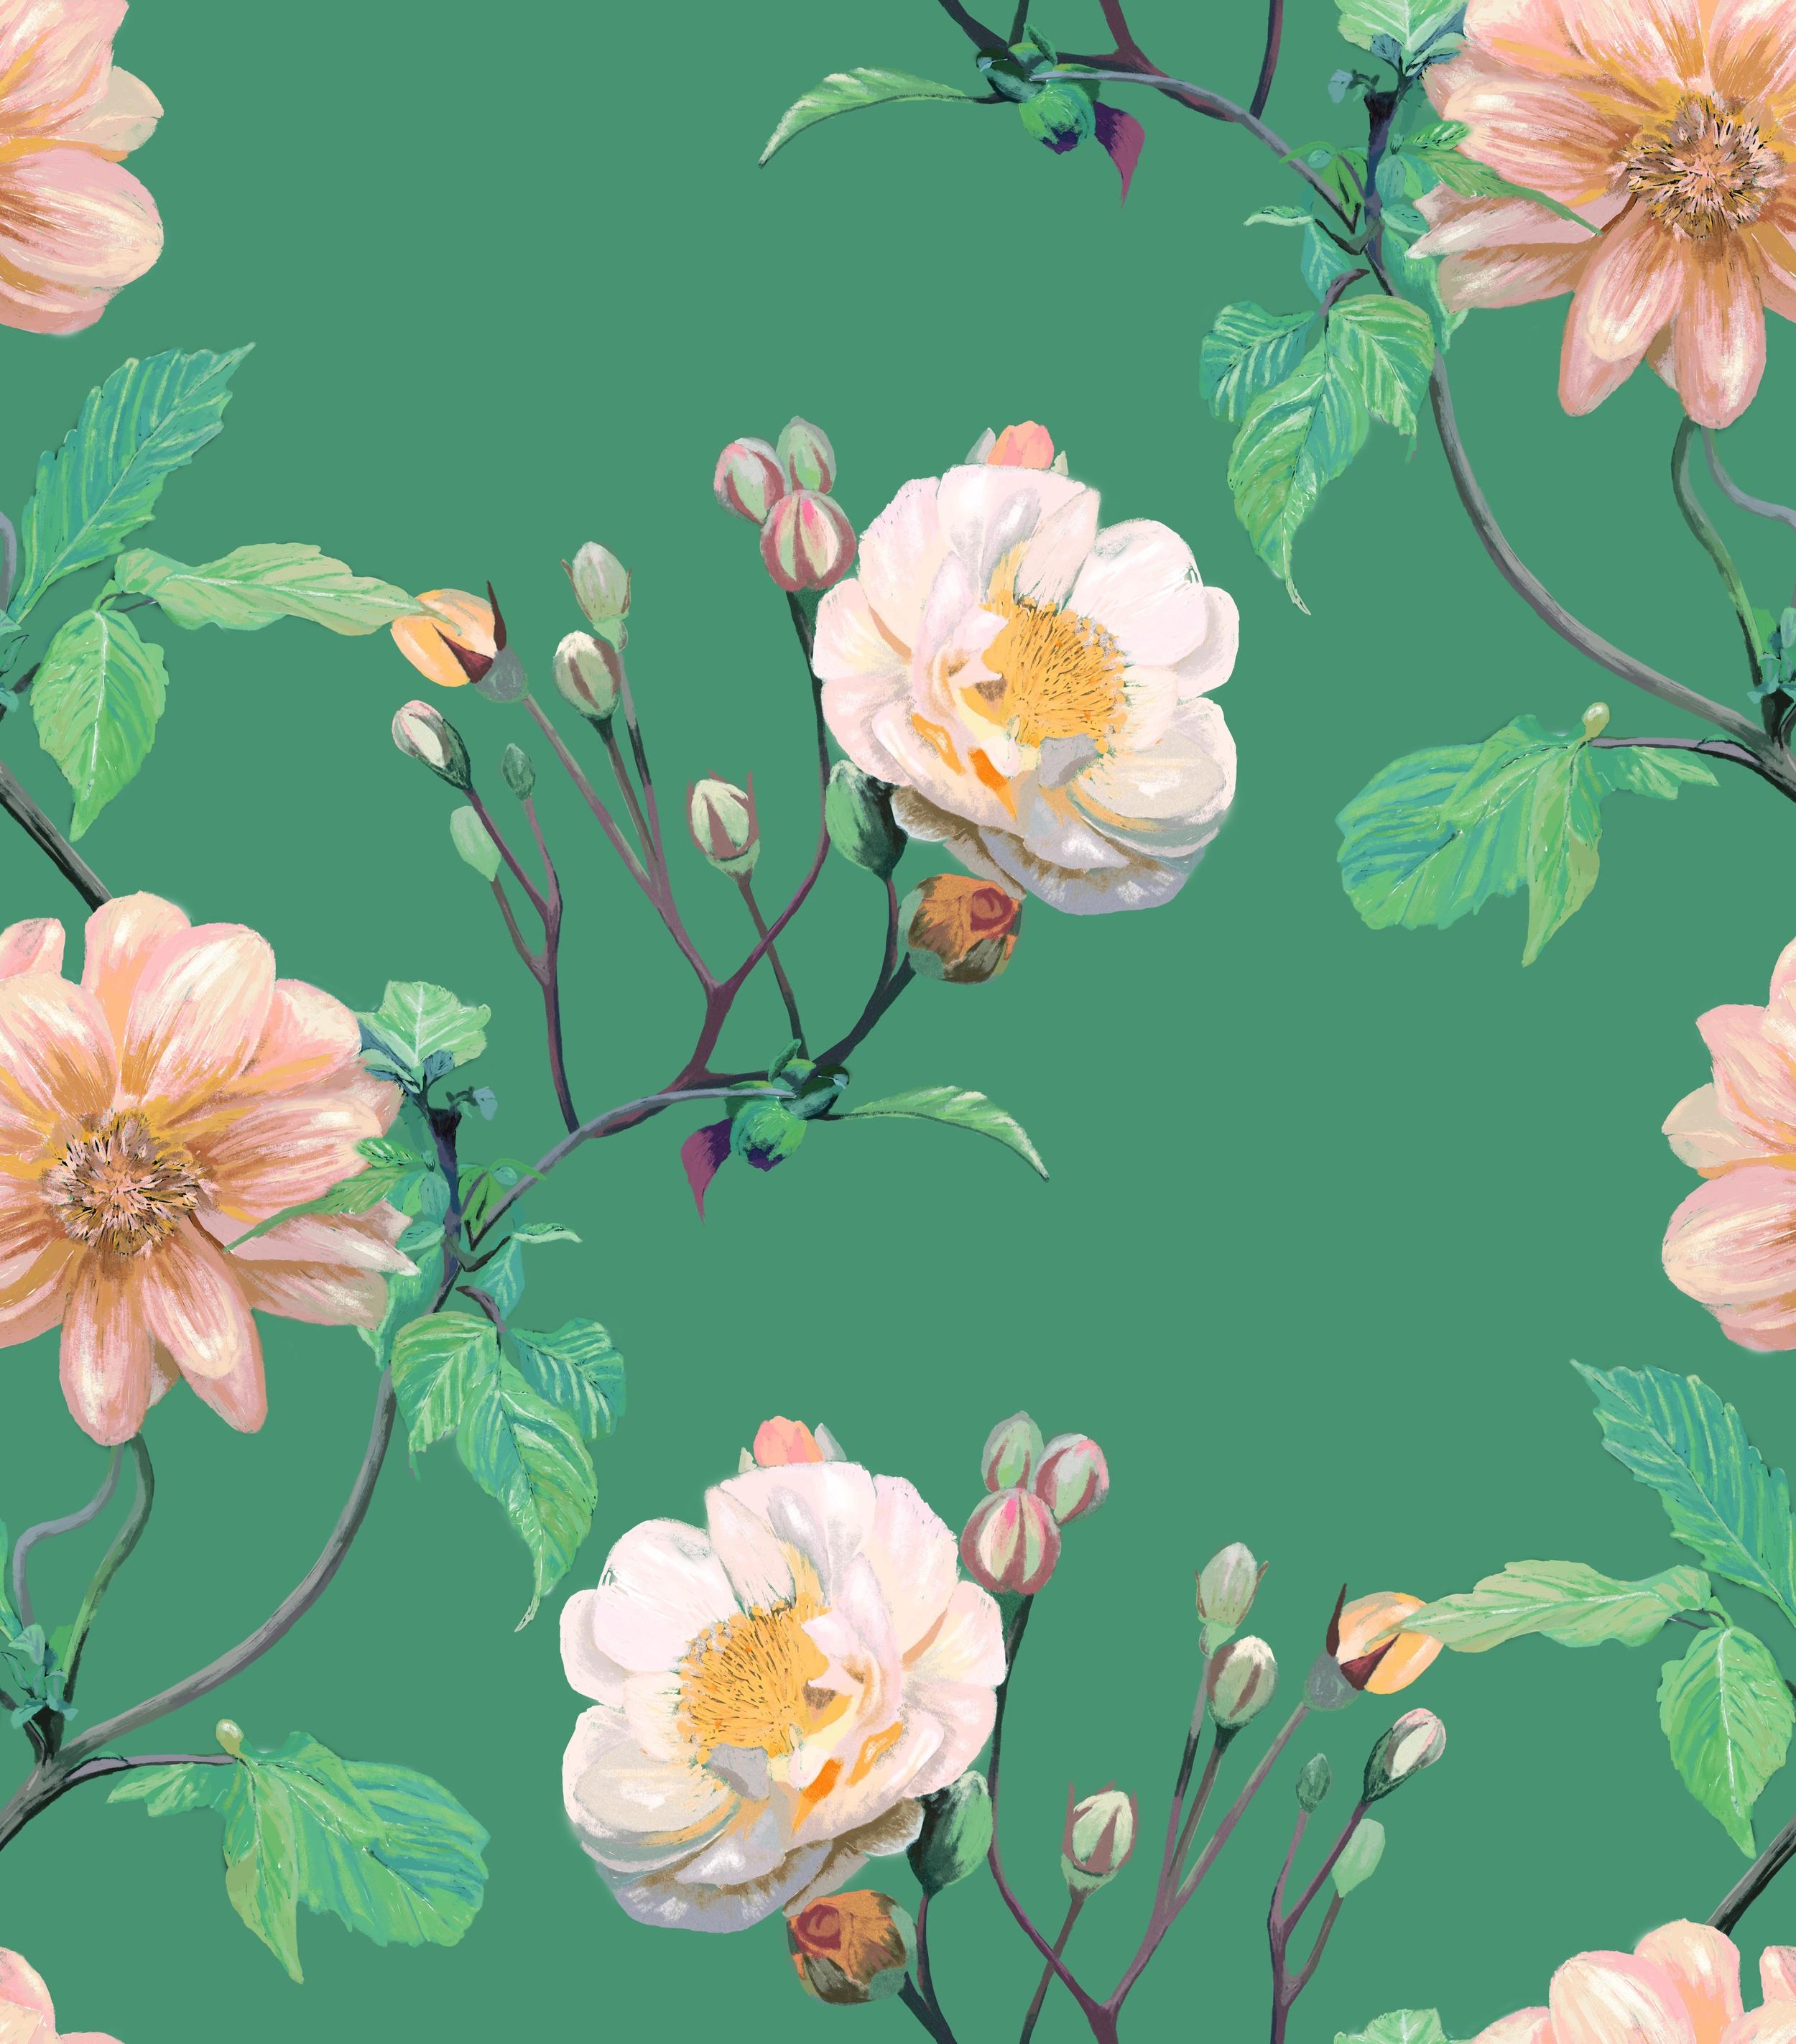 jumbo bloom jade zest.jpg